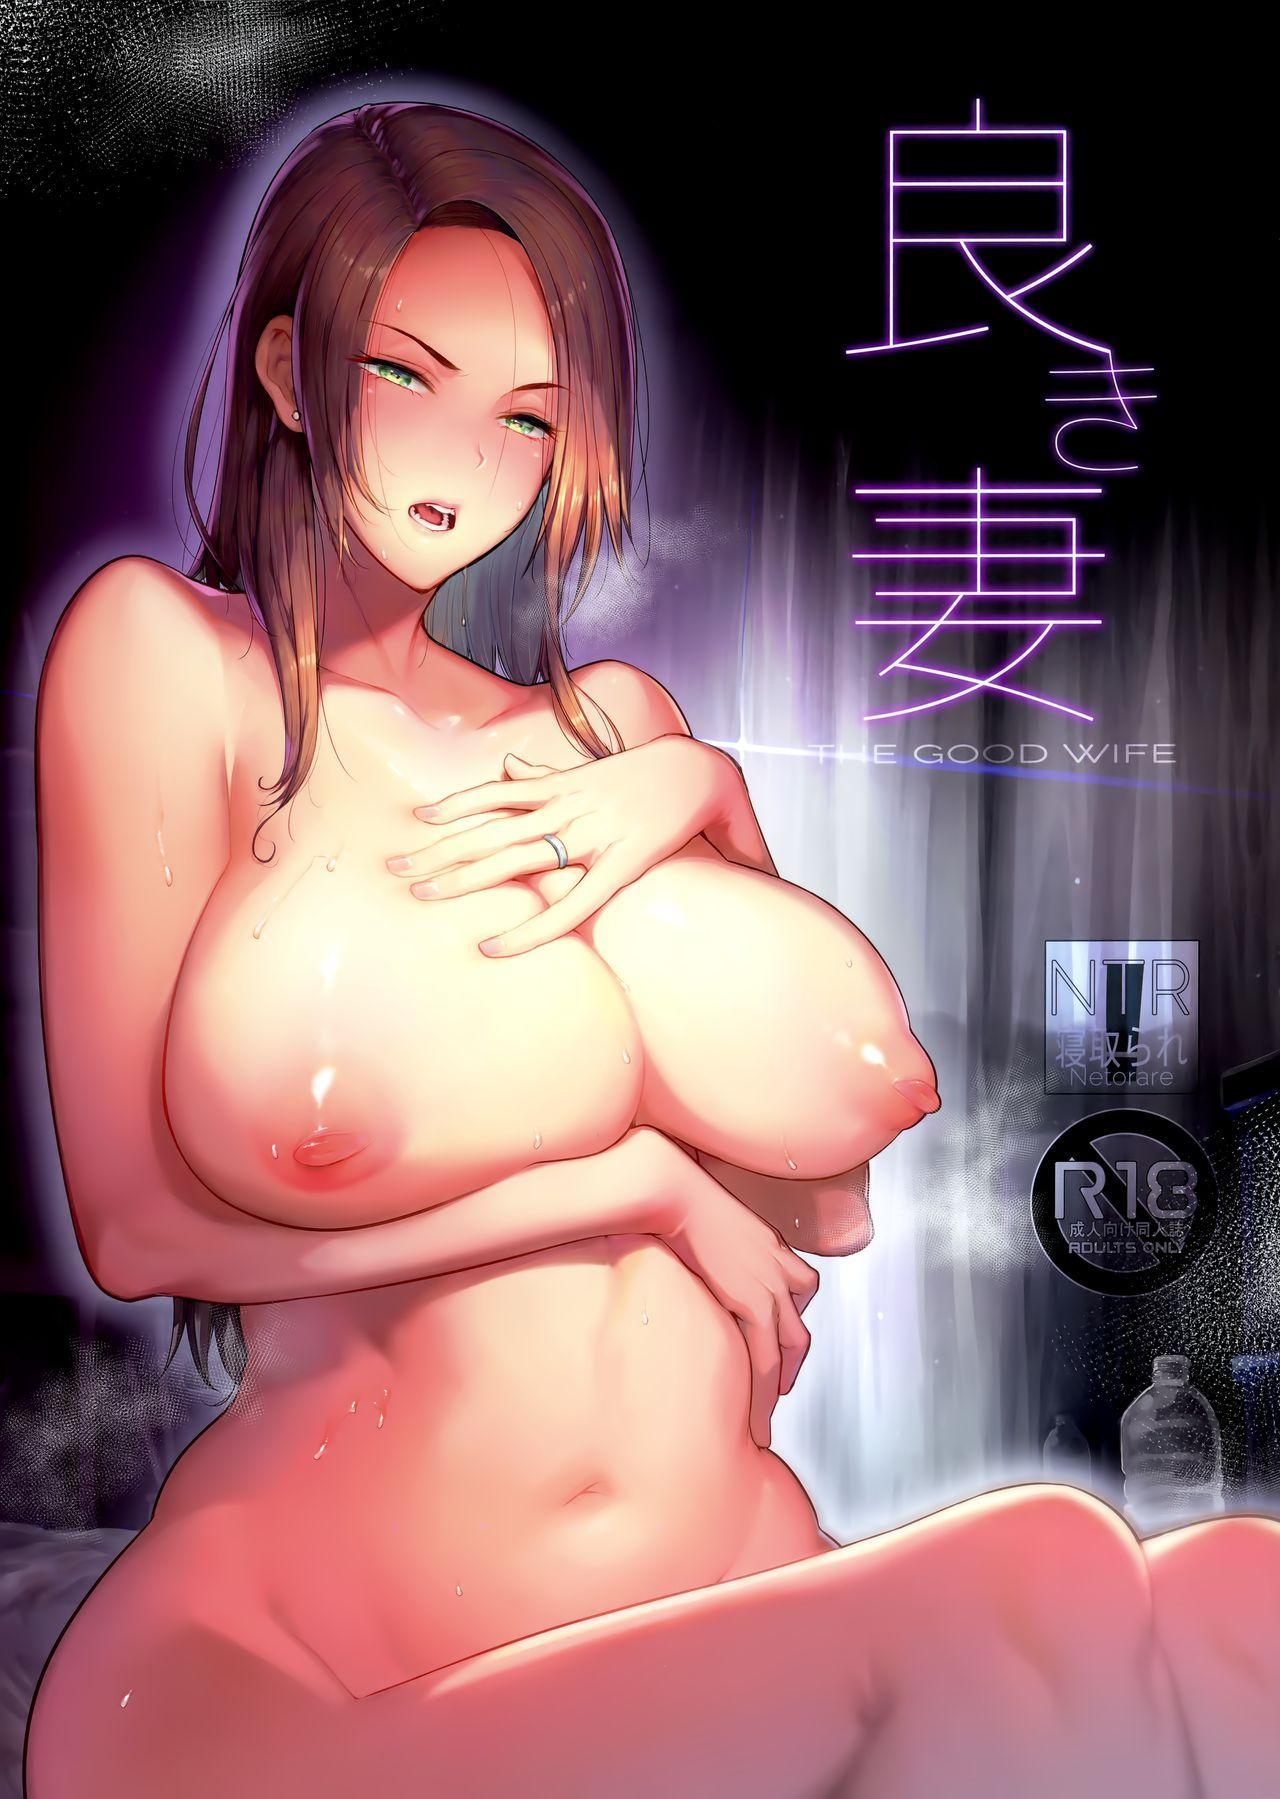 Yoki Tsuma - The Good Wife 0